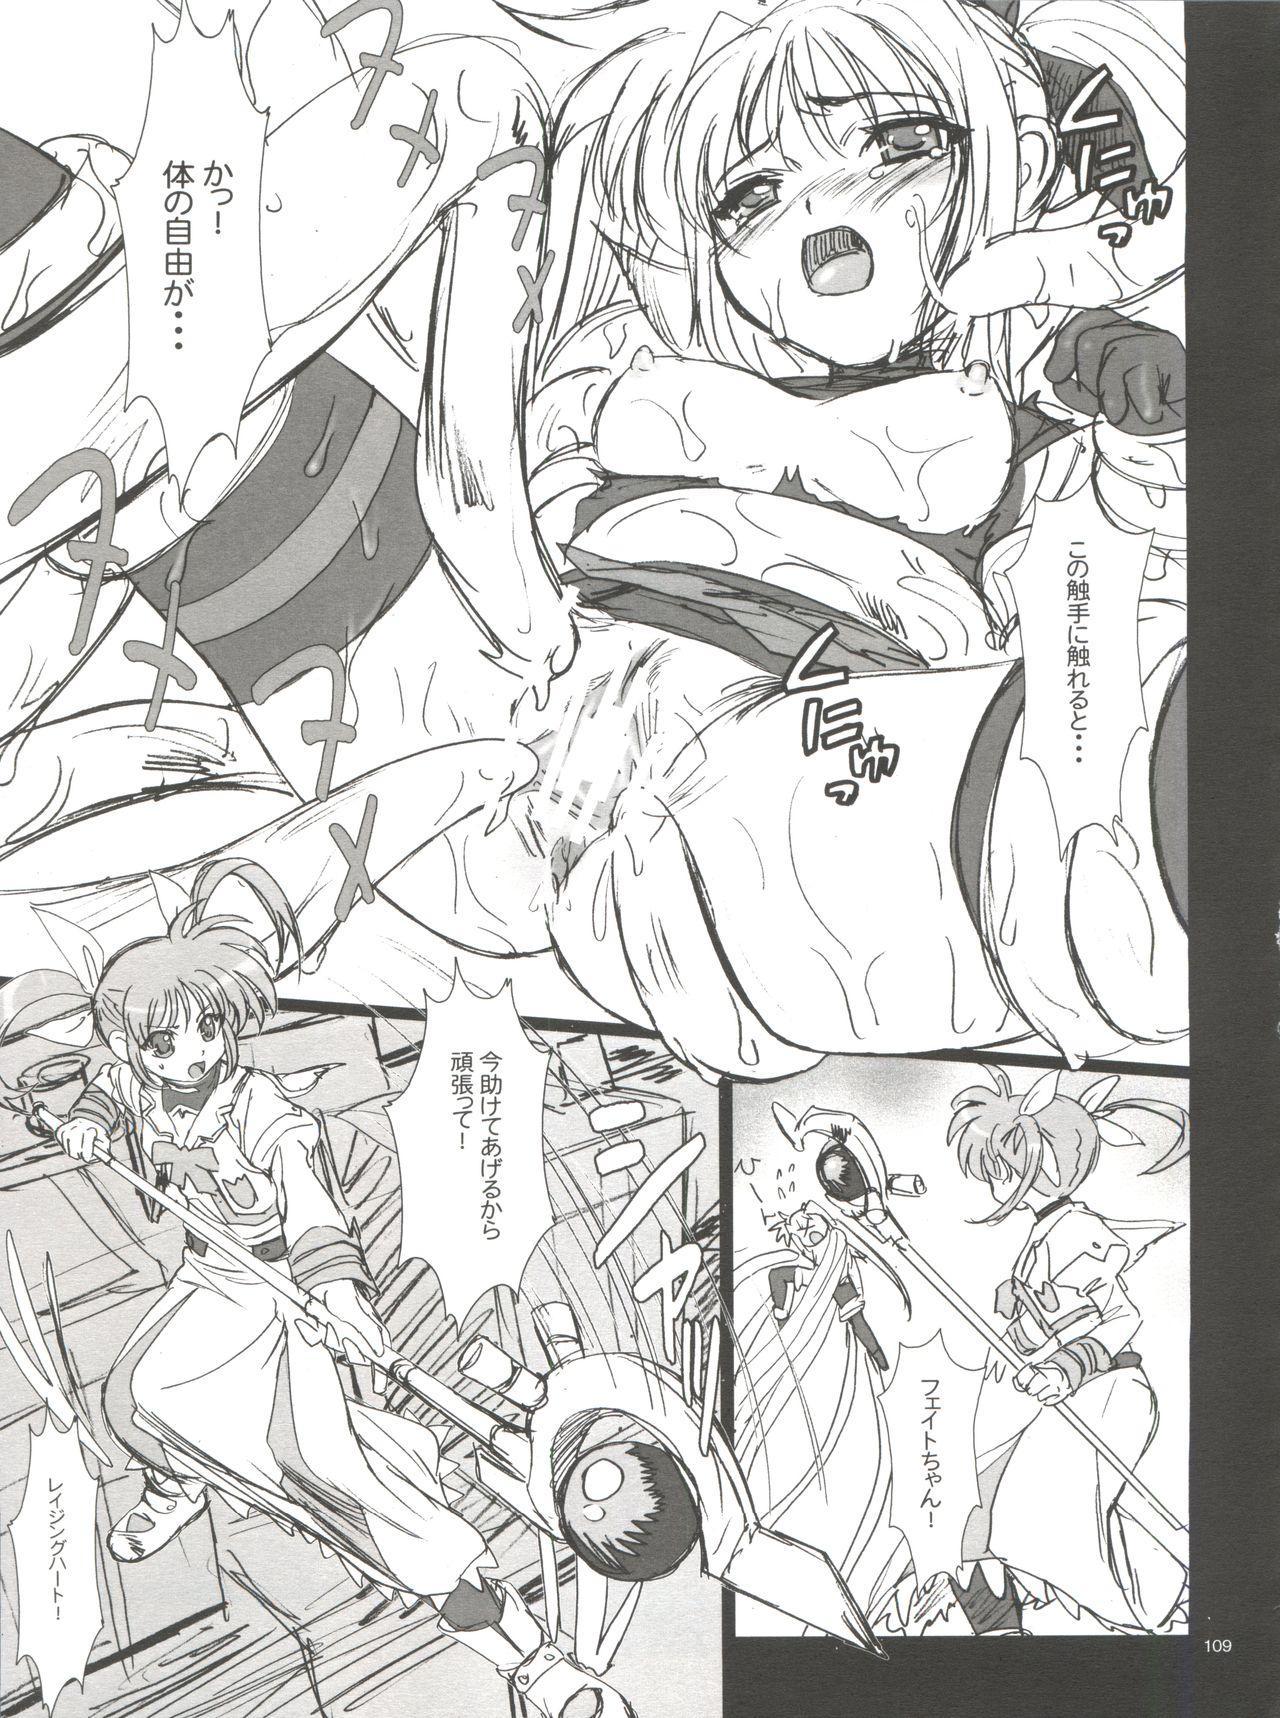 Wanpaku Anime Daihyakka Nanno Koto Jisensyuu Vol. 1 110